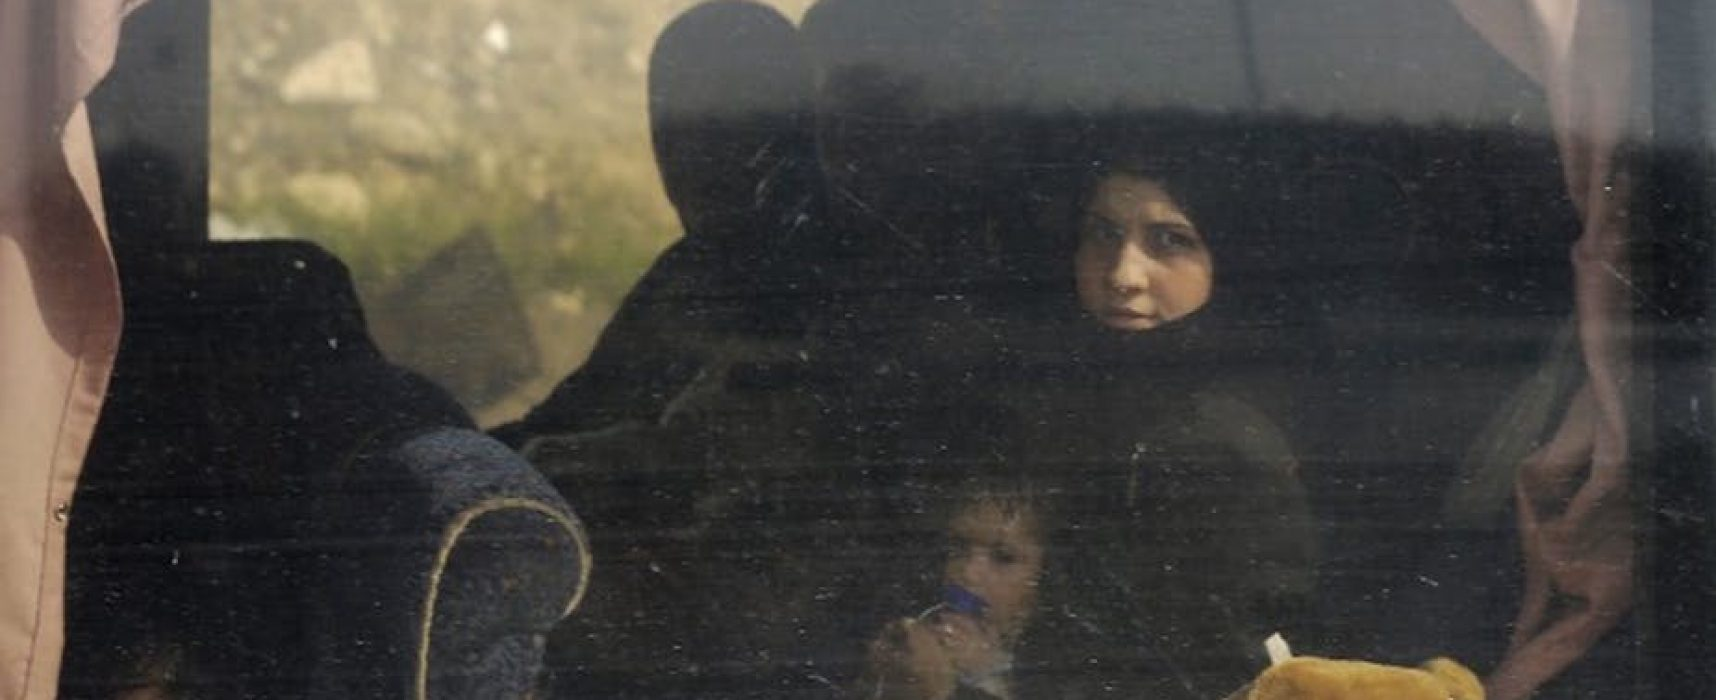 Syrie: penser aprèsHoms, Alep, Idlib, laGhouta…